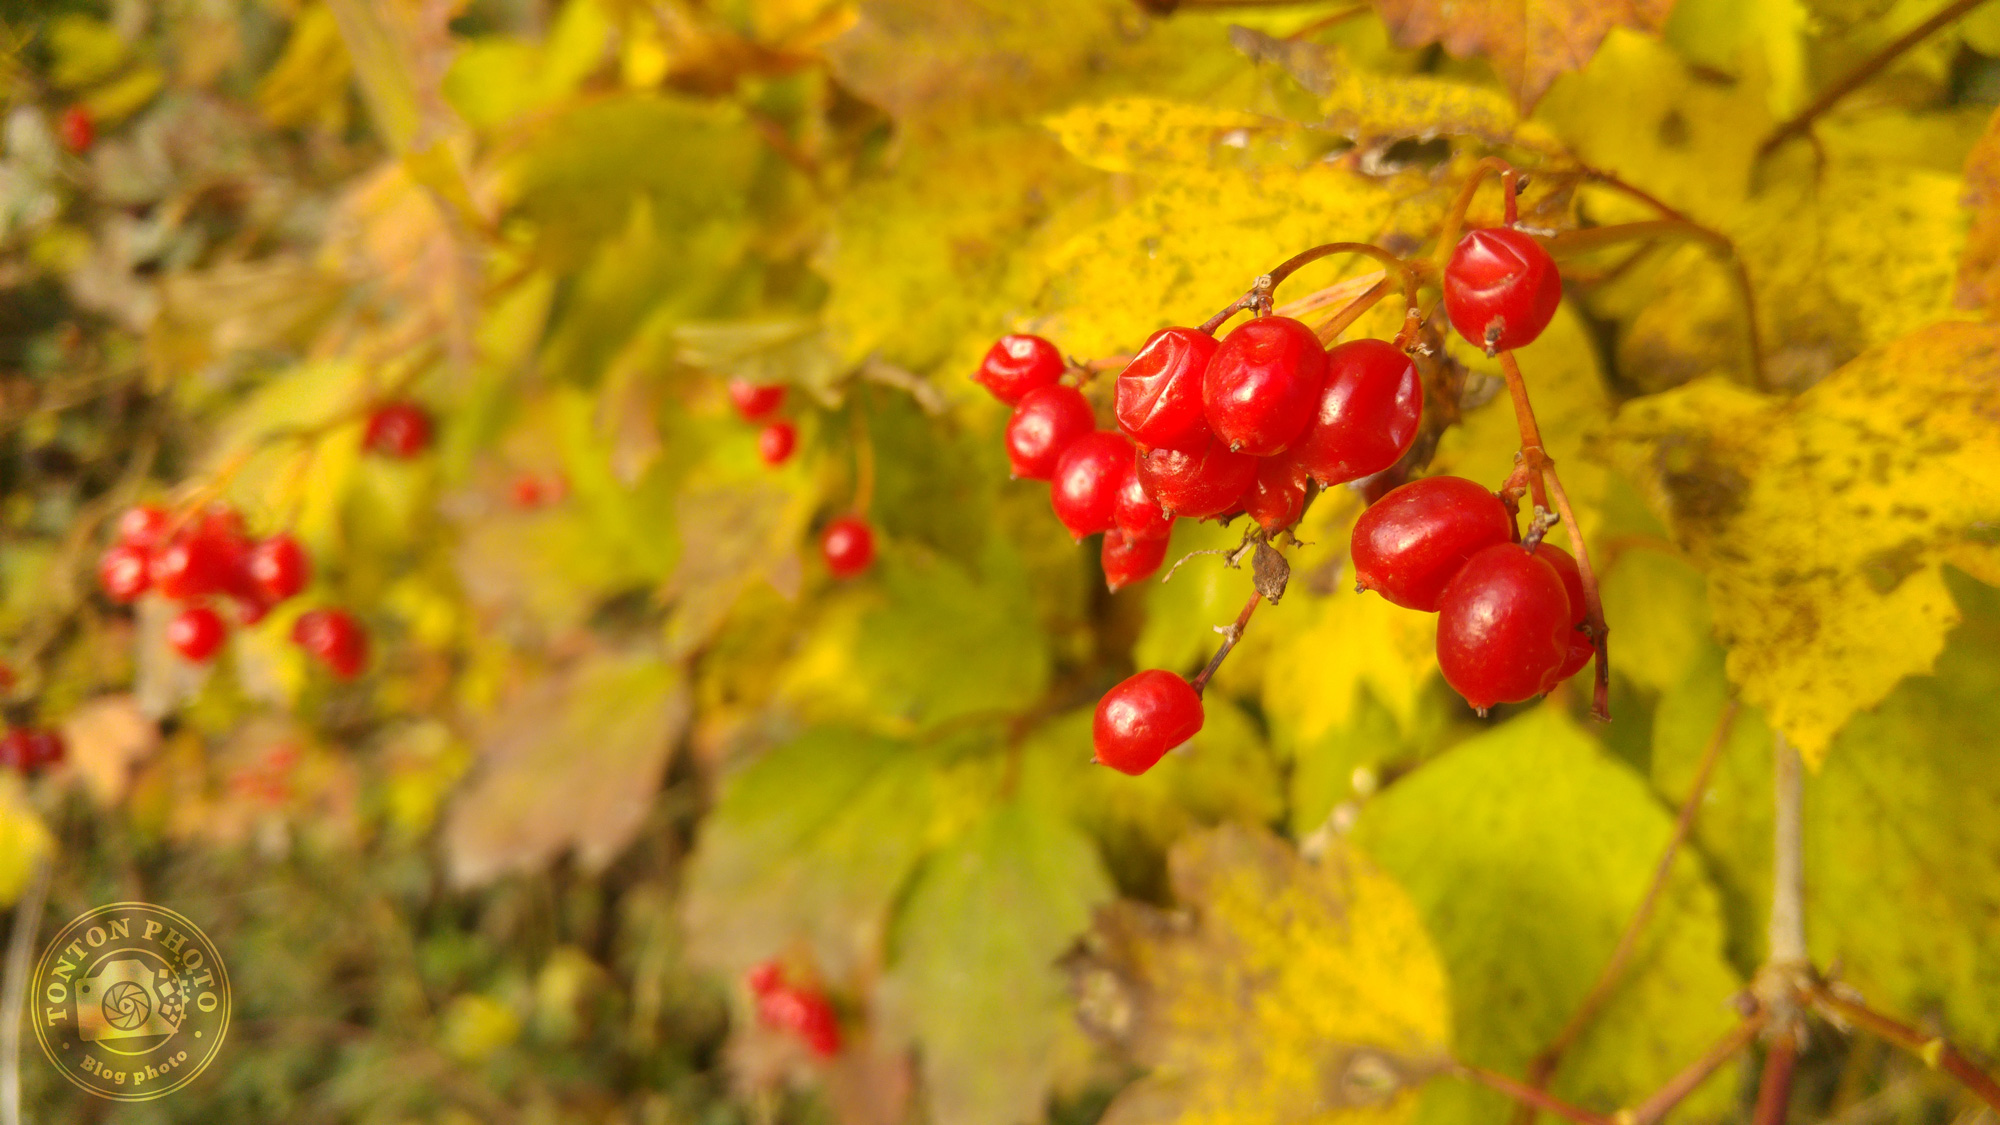 Test du photophone LG G4 : Baies rouges et feuillages d'automne. F/1.8 - 1/120 - ISO 50 © Clément Racineux / Tonton Photo